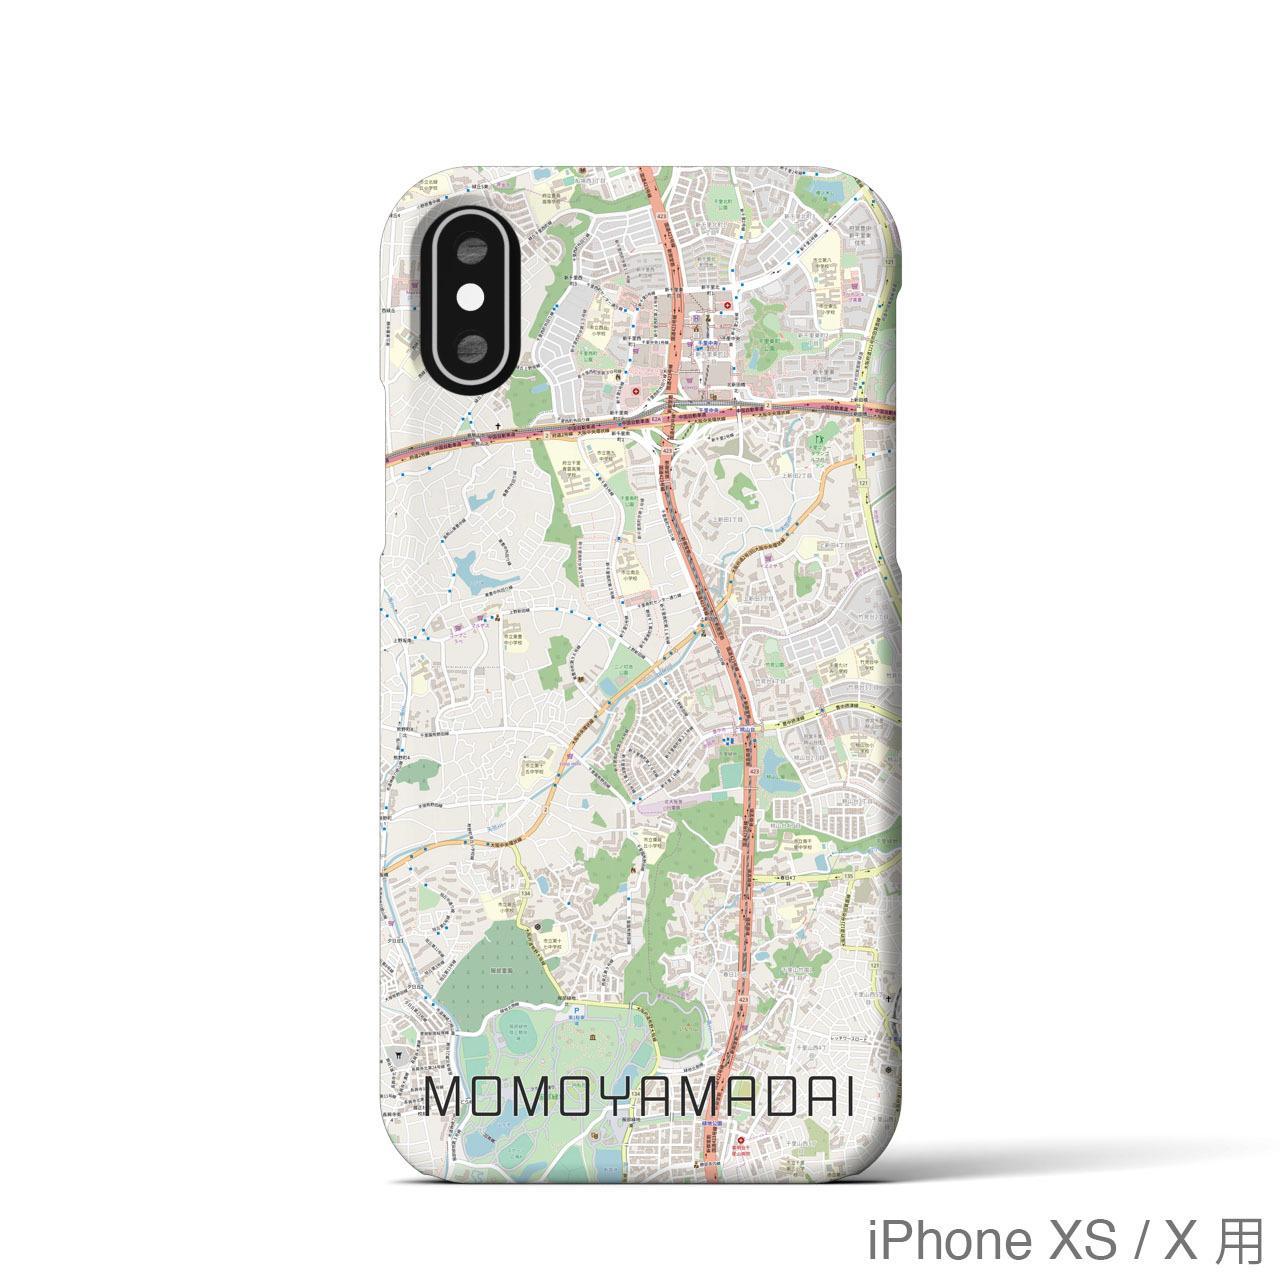 【桃山台】地図柄iPhoneケース(バックカバータイプ・ナチュラル)